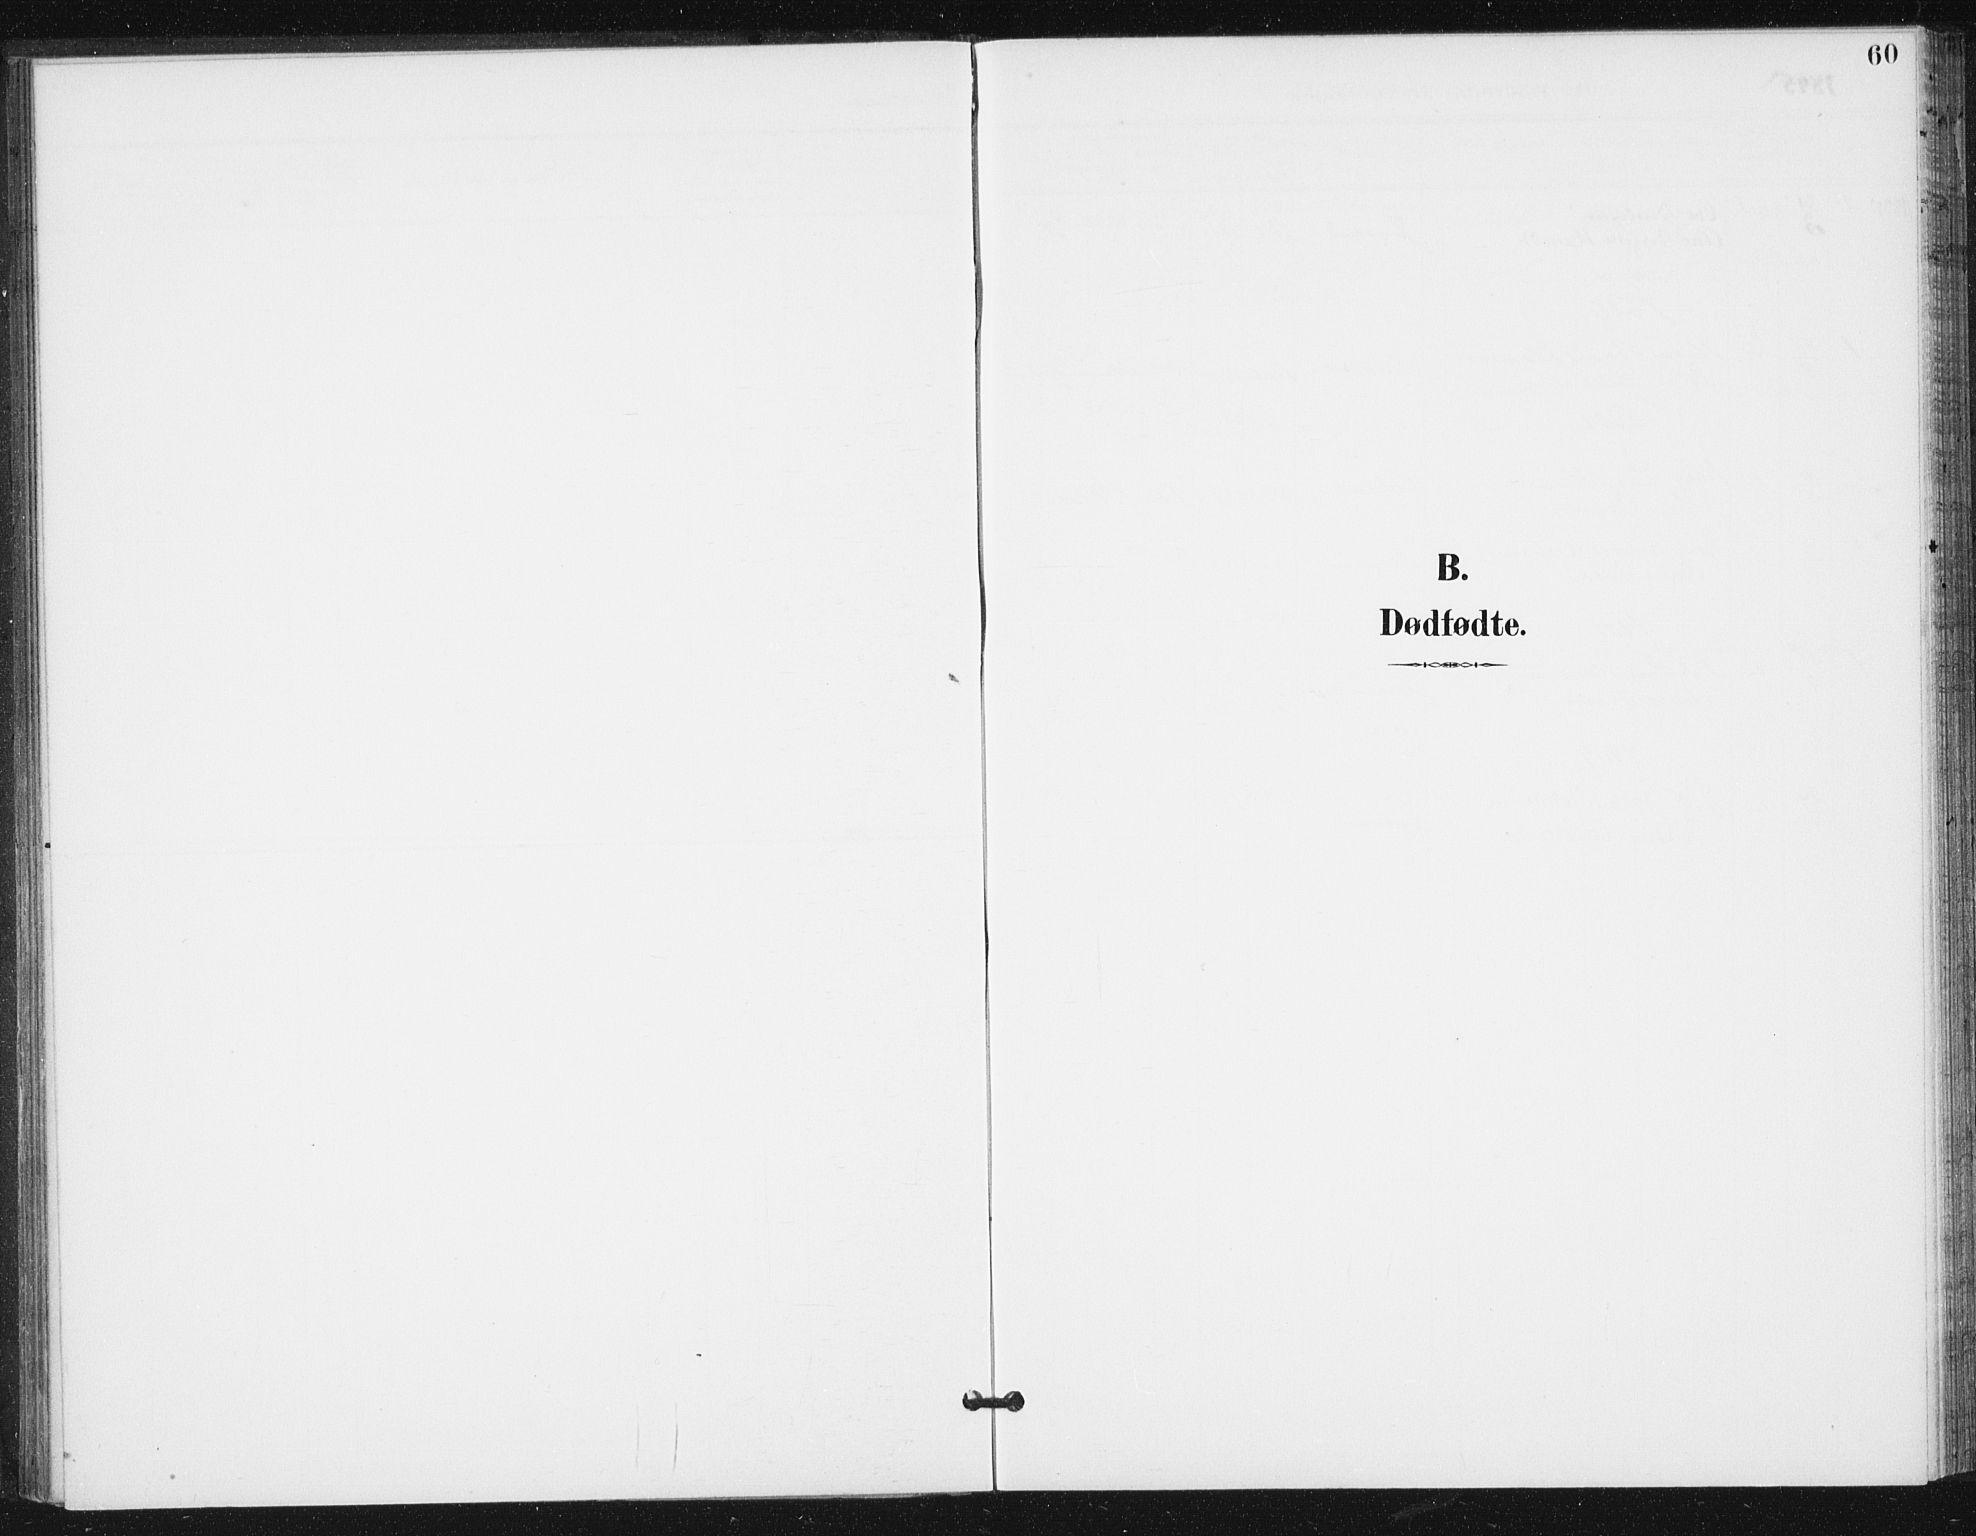 SAT, Ministerialprotokoller, klokkerbøker og fødselsregistre - Sør-Trøndelag, 654/L0664: Ministerialbok nr. 654A02, 1895-1907, s. 60